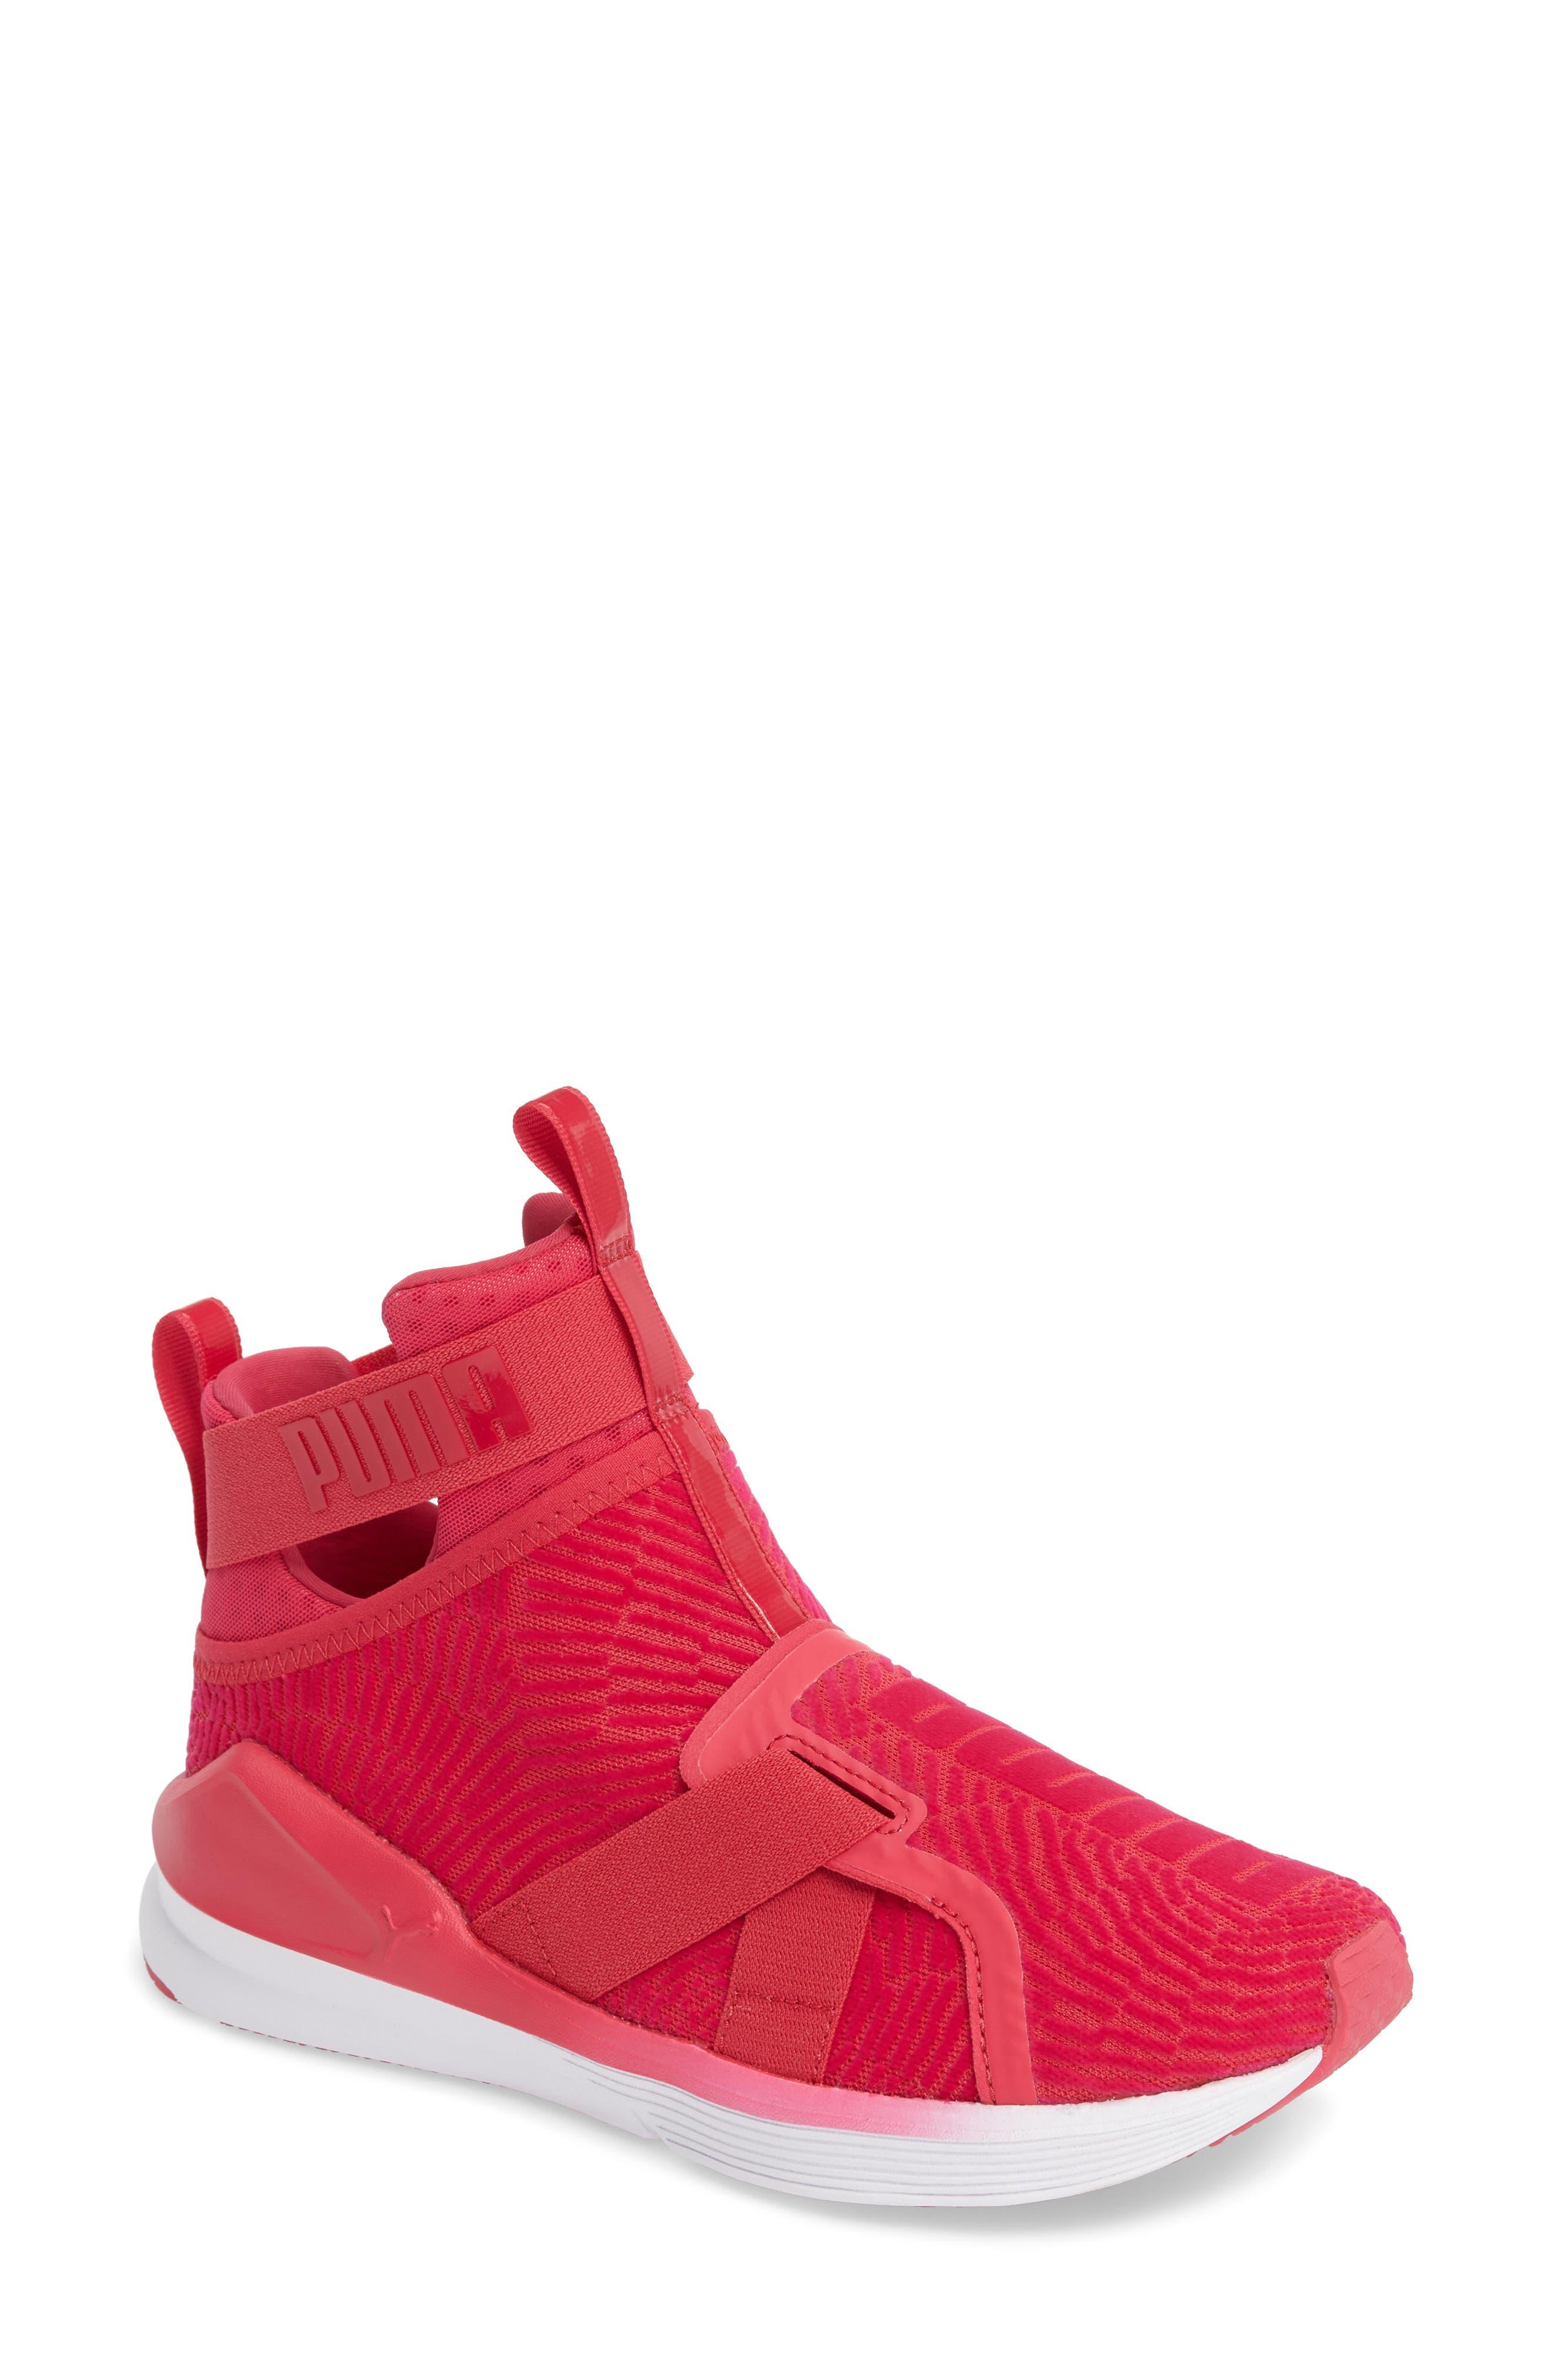 PUMA Fierce Strap Training Sneaker